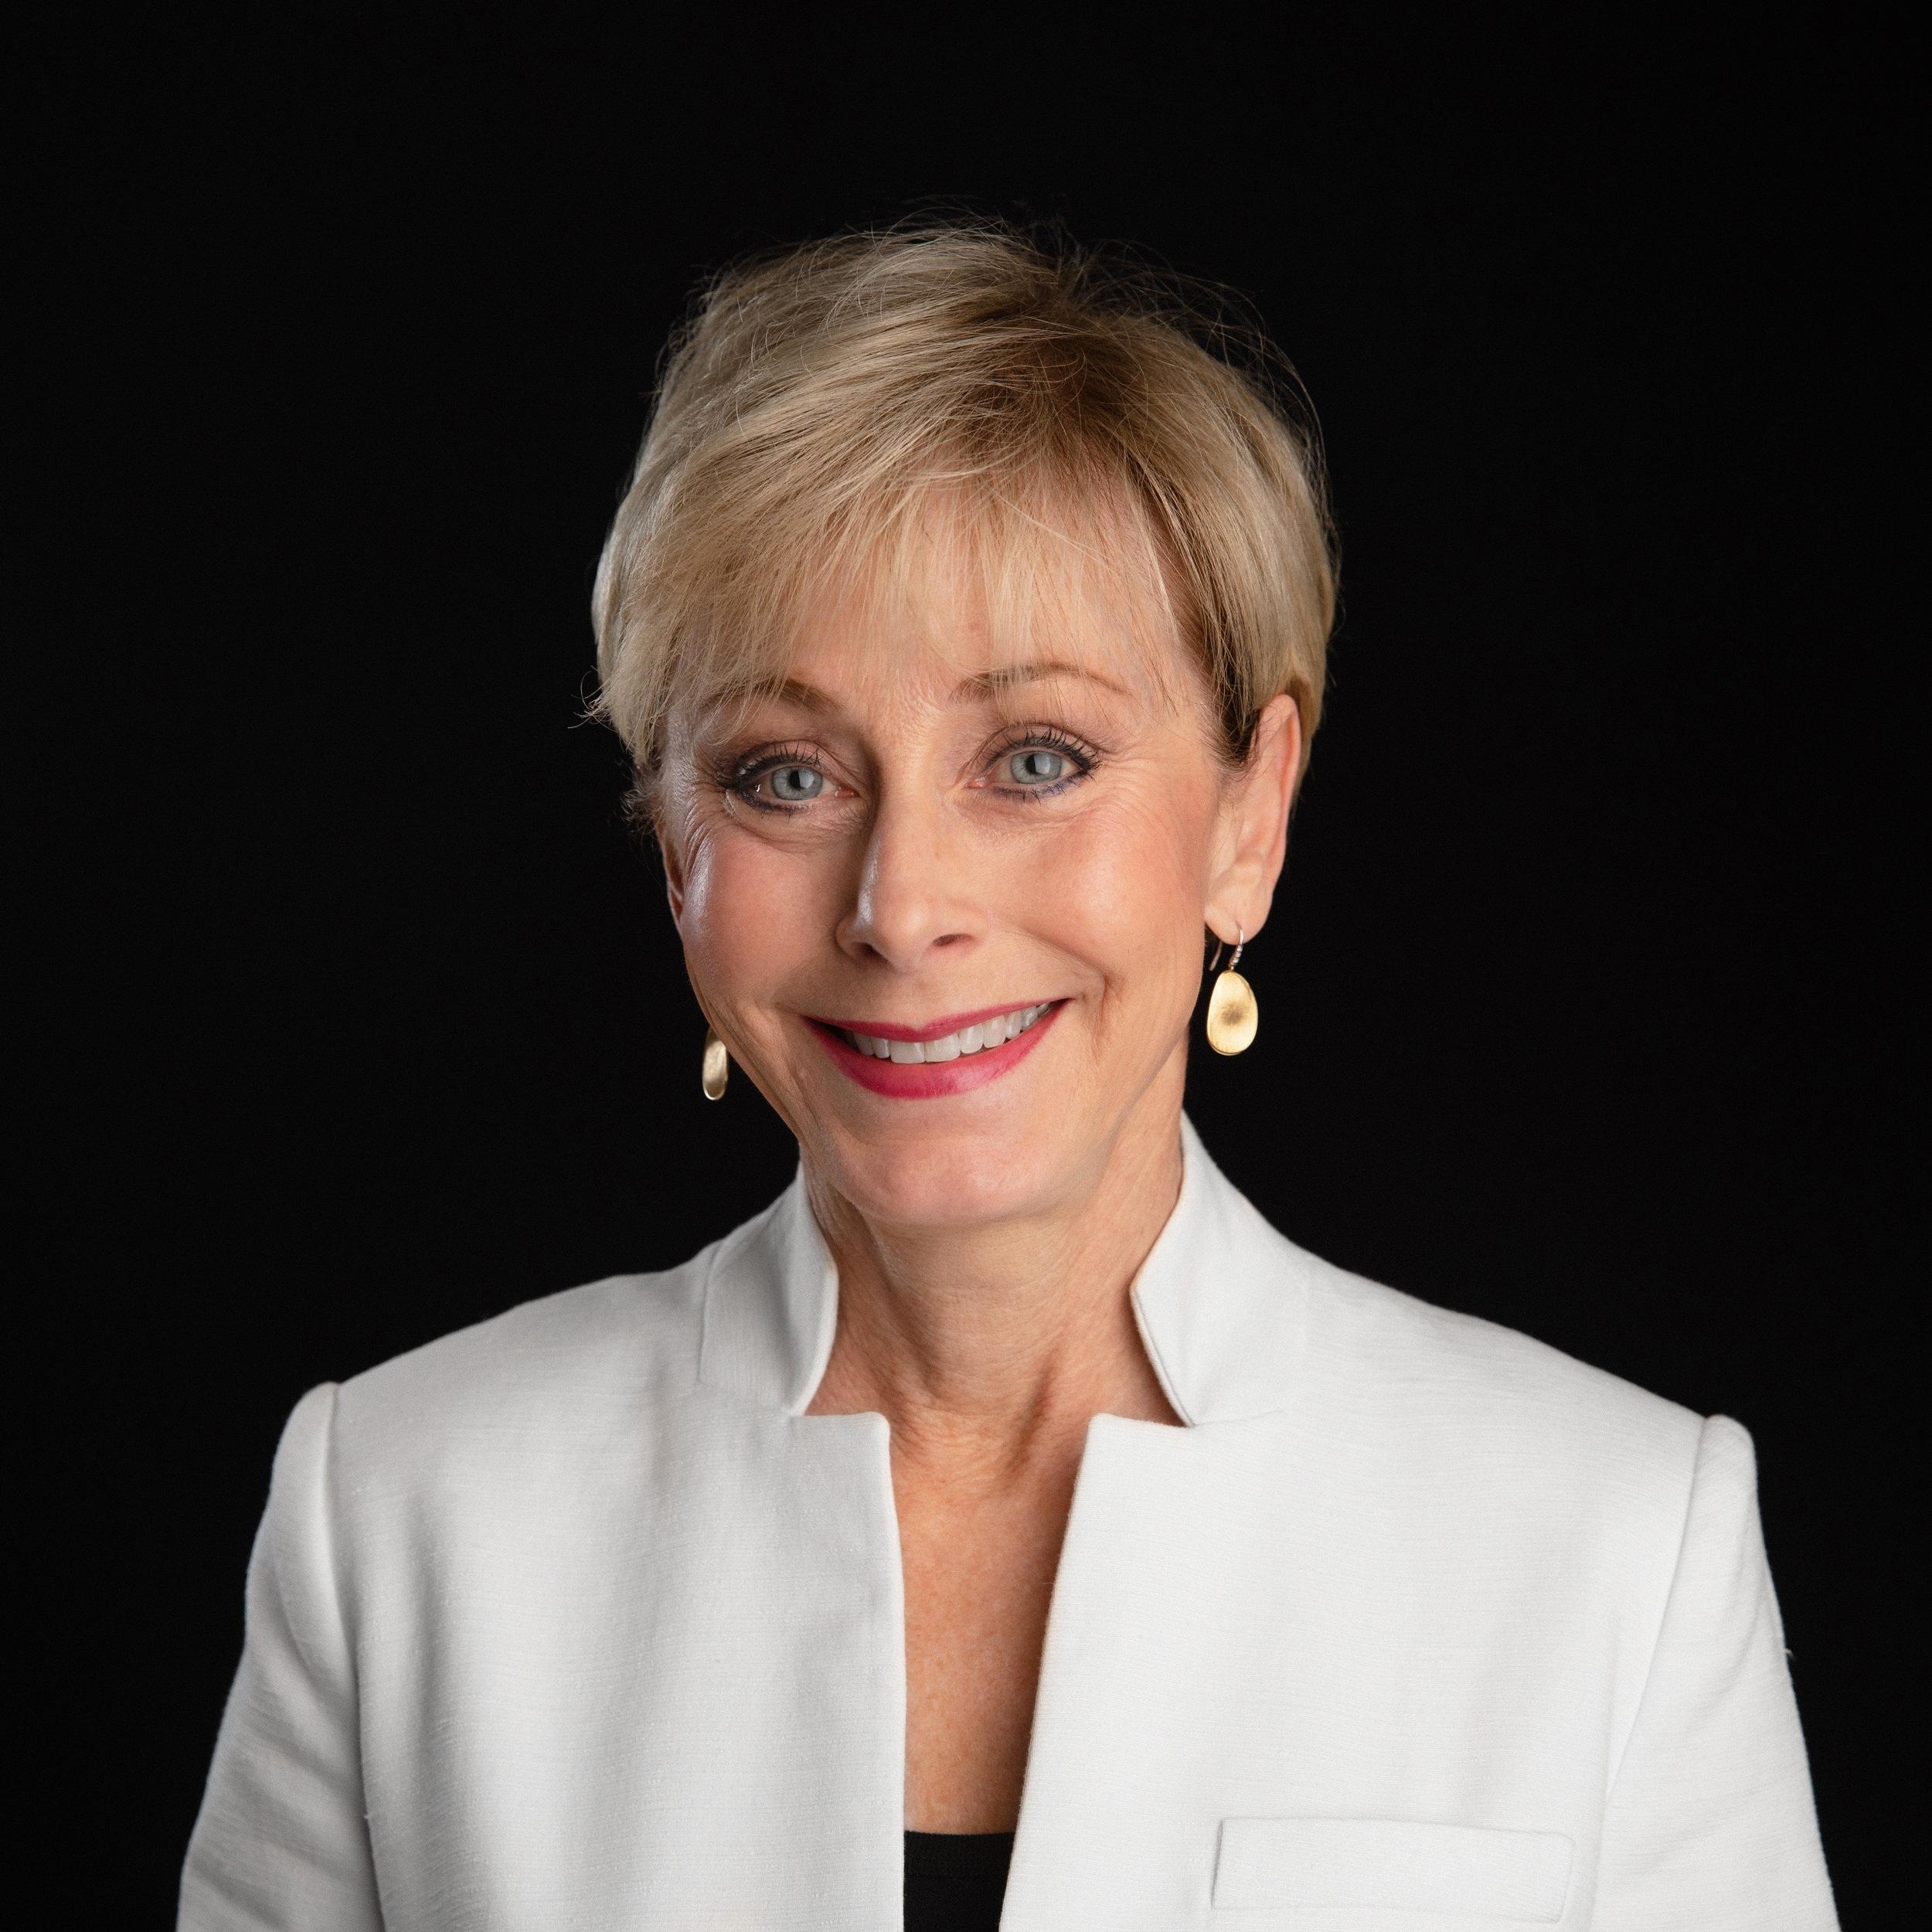 Diana Bealer